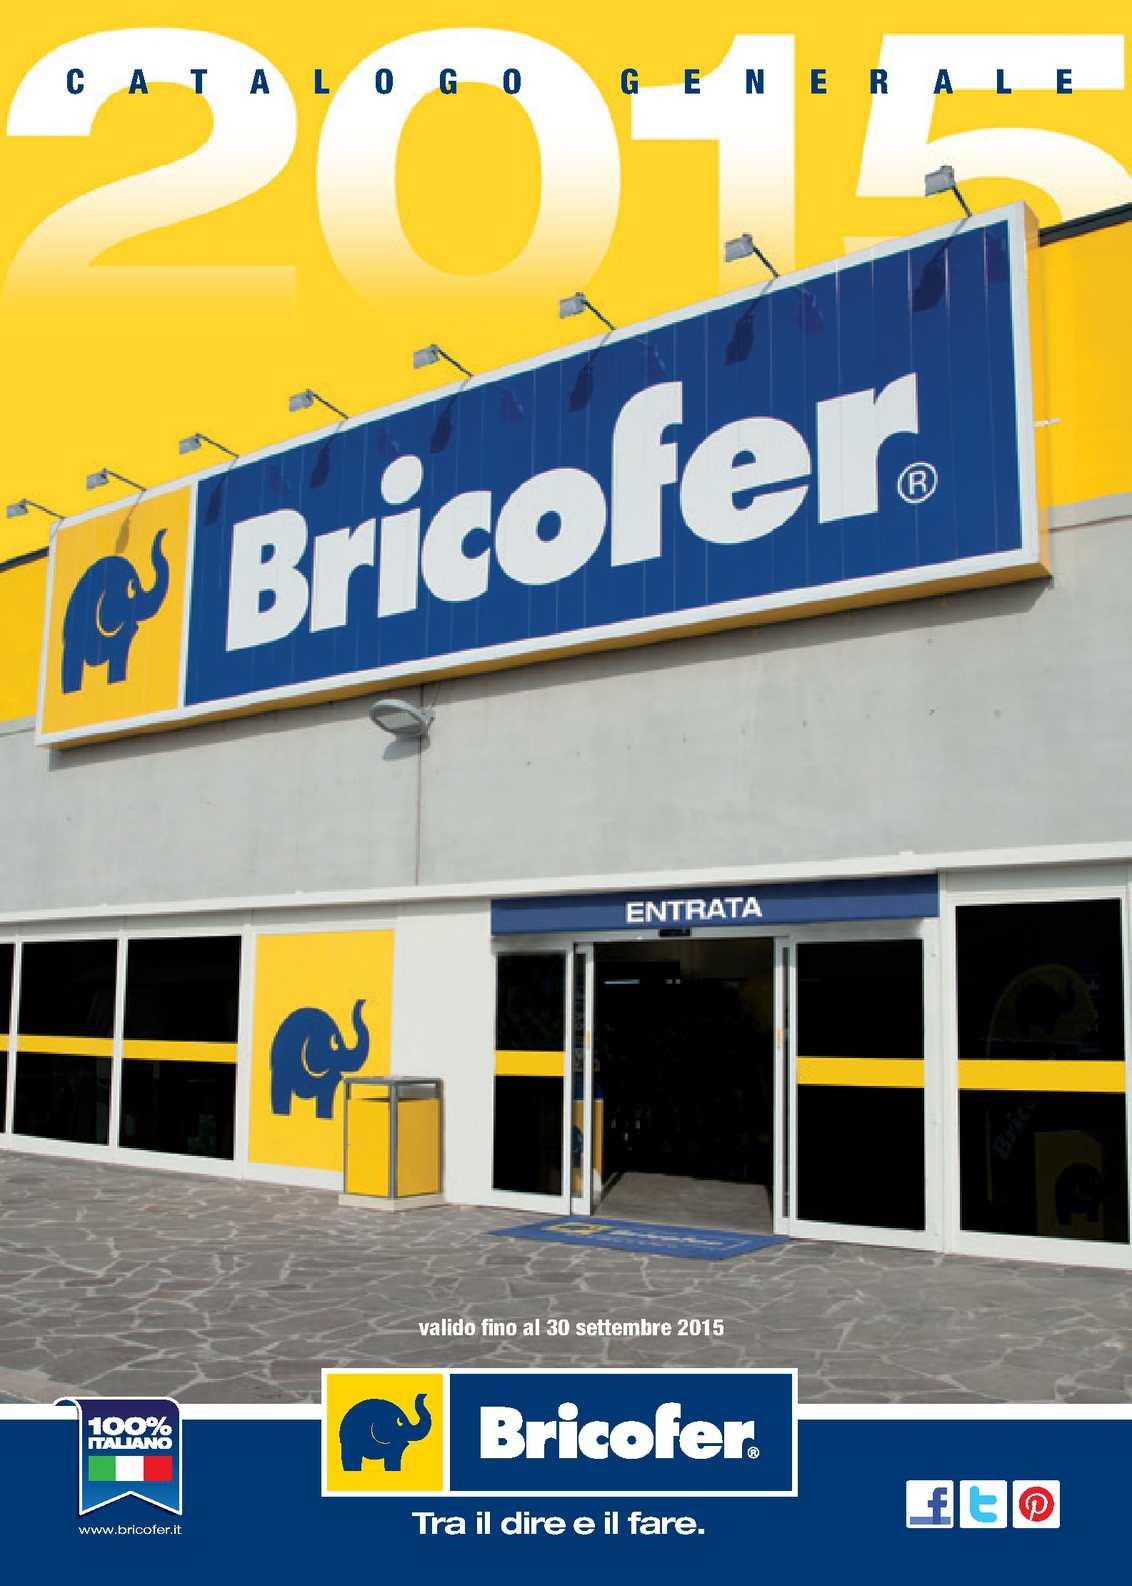 Calam o catalogo bricofer fino al 30 settembre for Bricofer catalogo